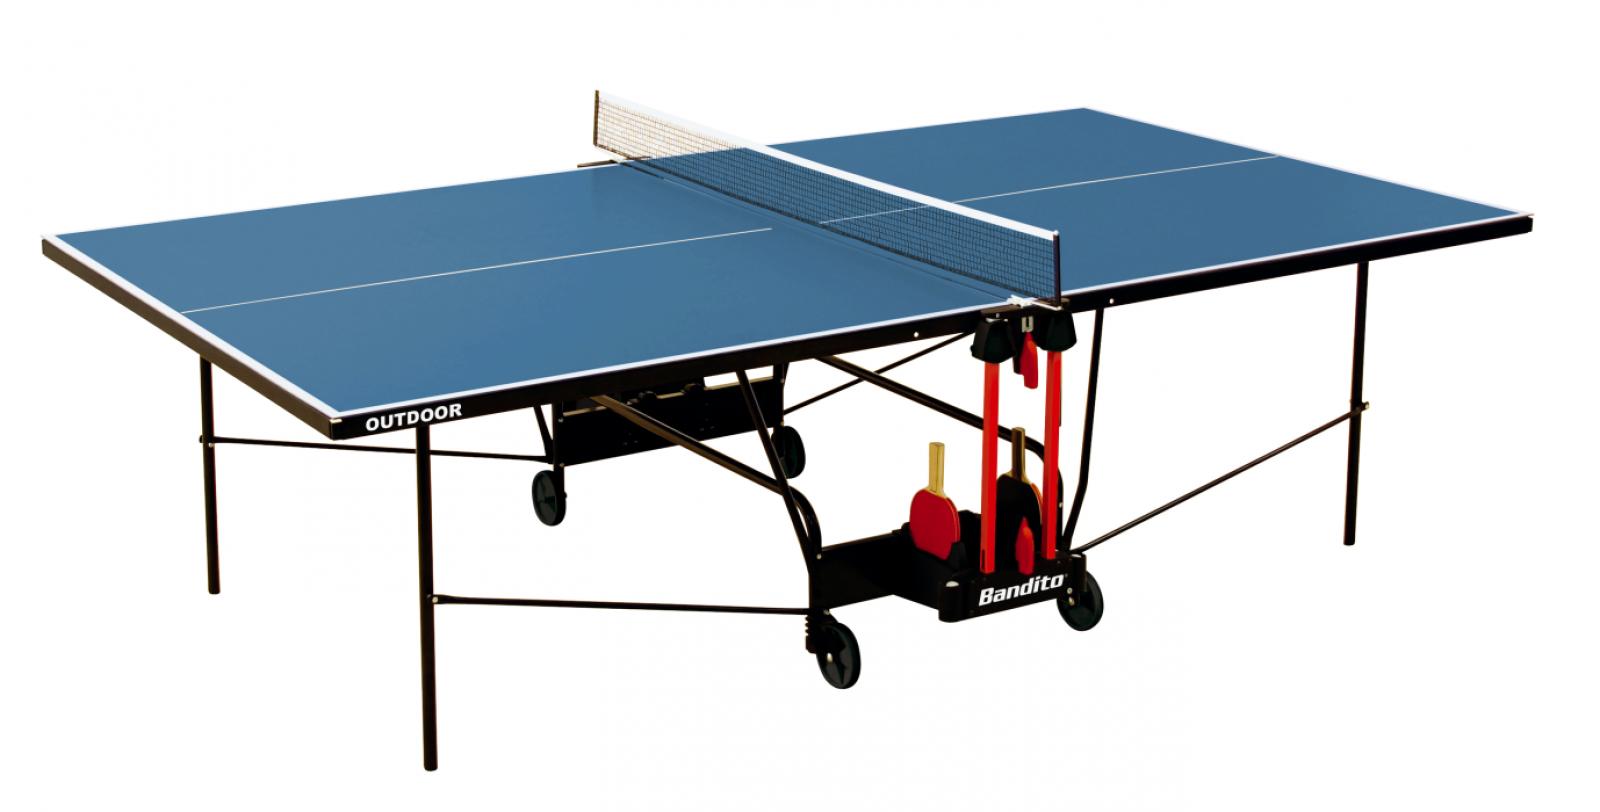 bandito tischtennisplatte turnier g nstig kaufen. Black Bedroom Furniture Sets. Home Design Ideas